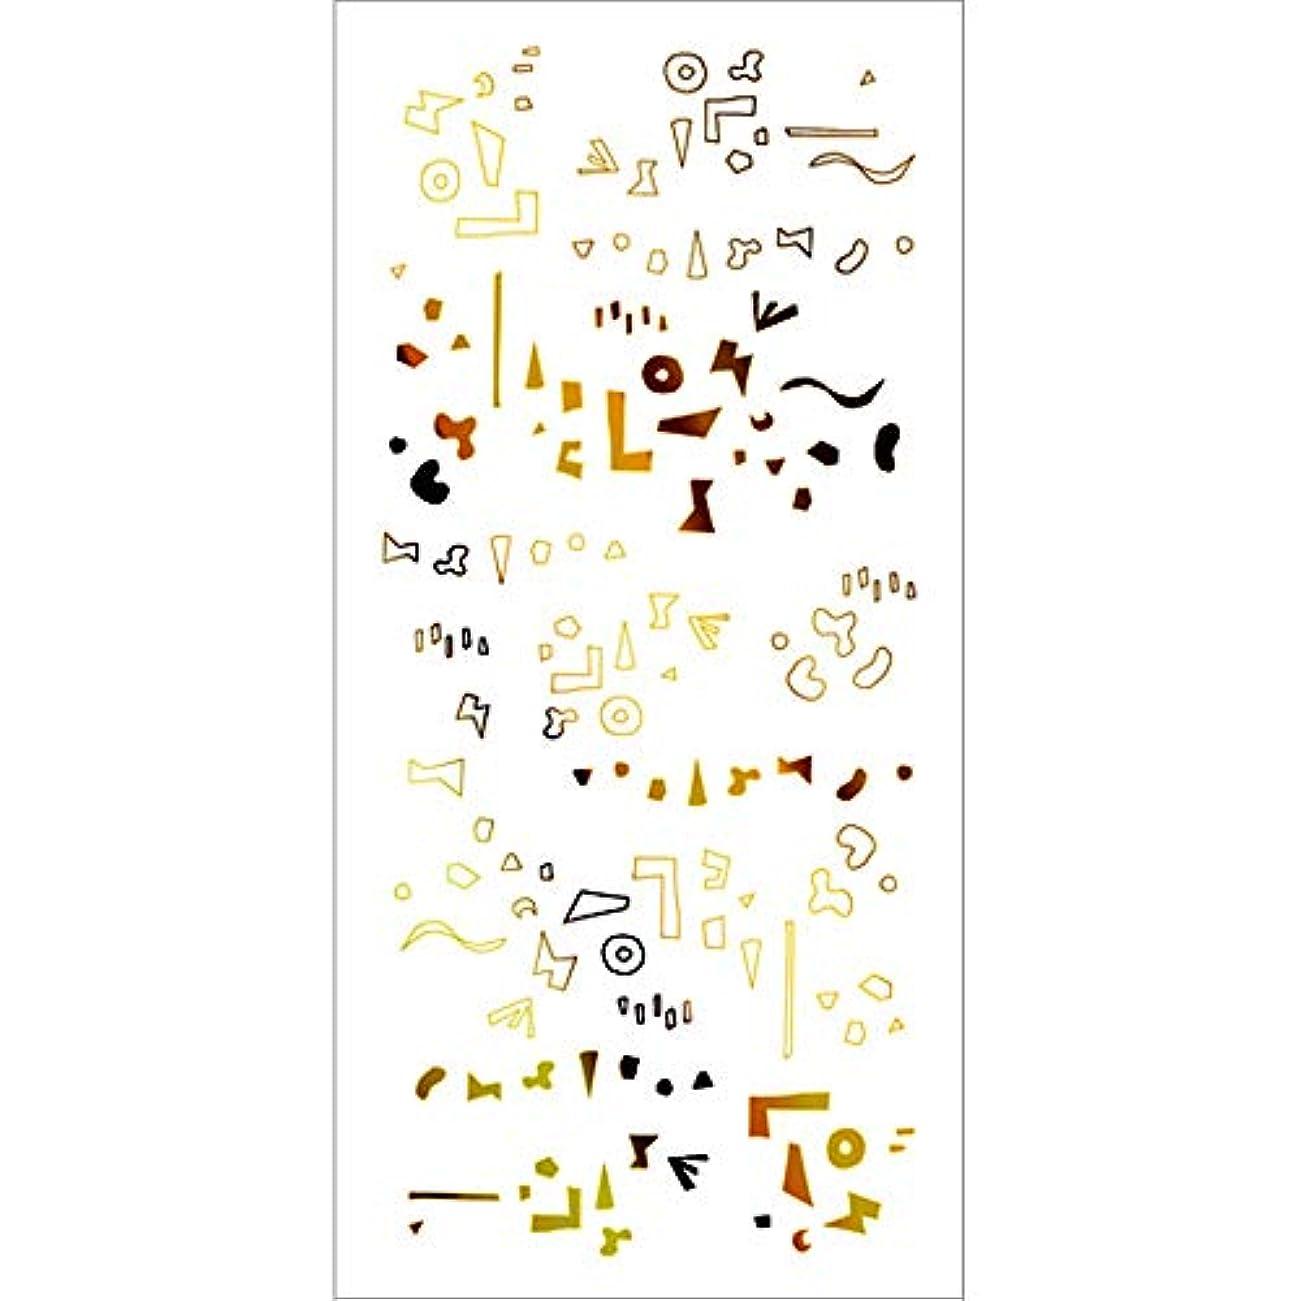 切り下げ寂しい考案するツメキラ(TSUMEKIRA) ネイル用シール カタチの群れ ゴールド SG-HOK-102